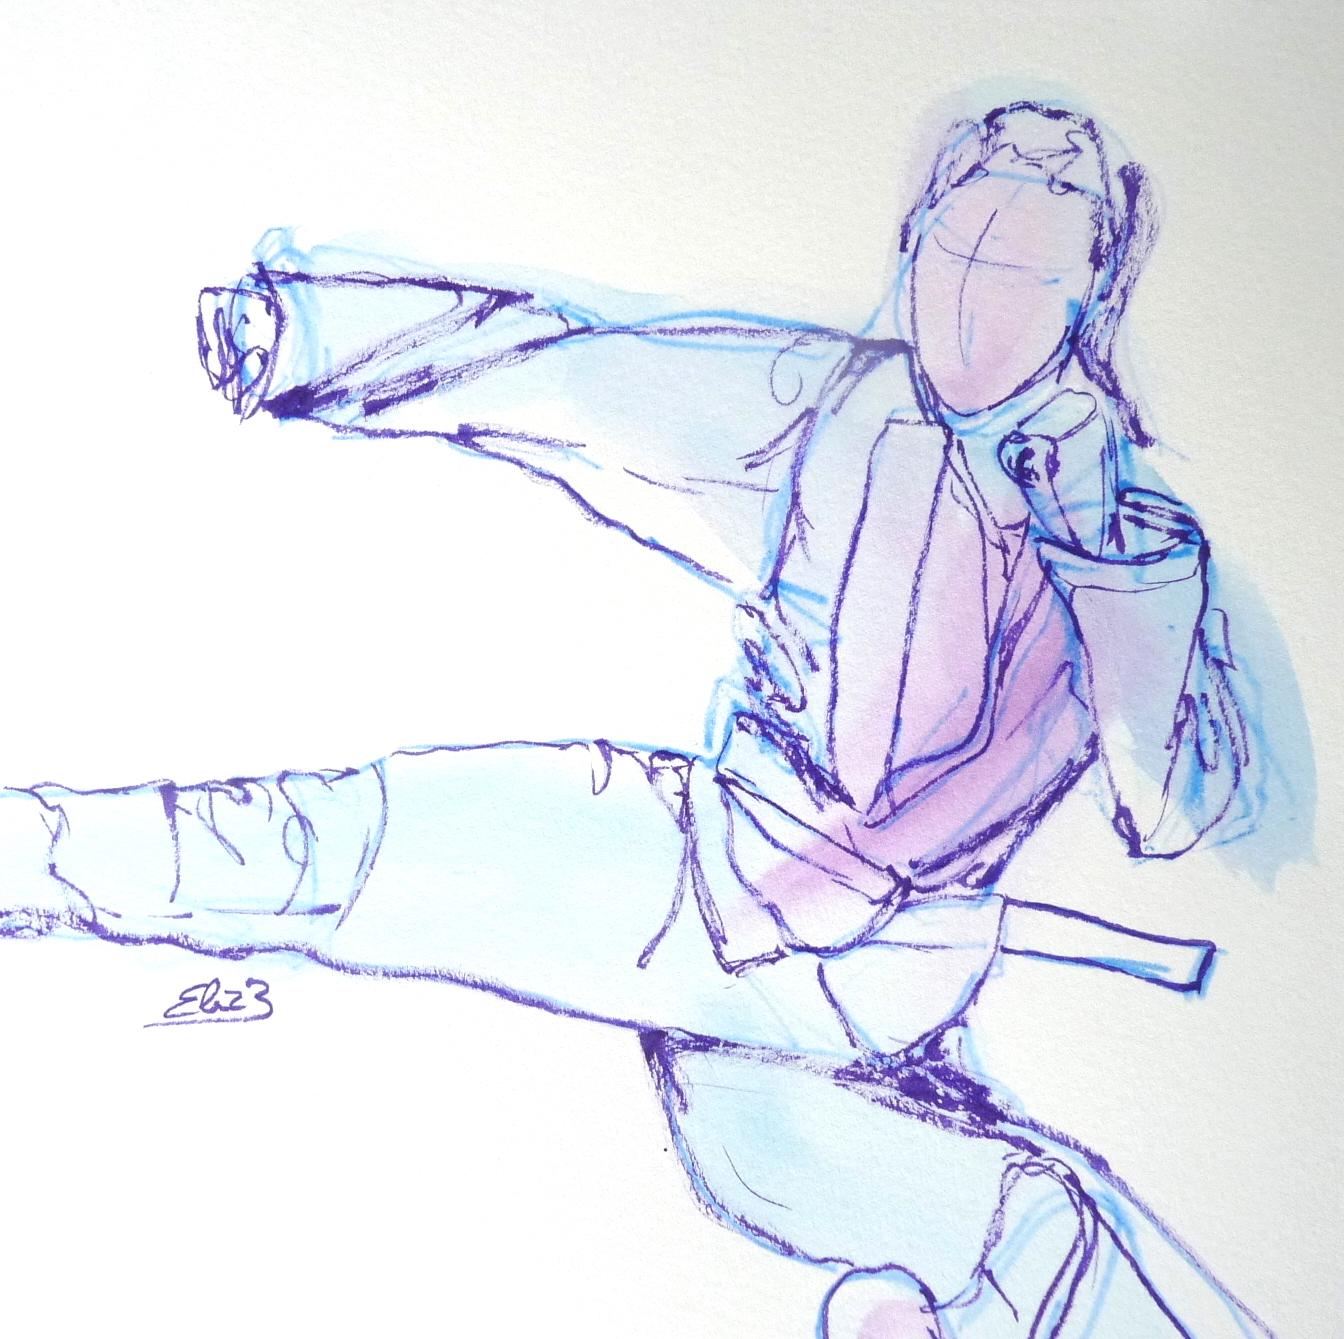 femme karaté saut dessin croquis esquisse elize pigmentropie femme libre battante